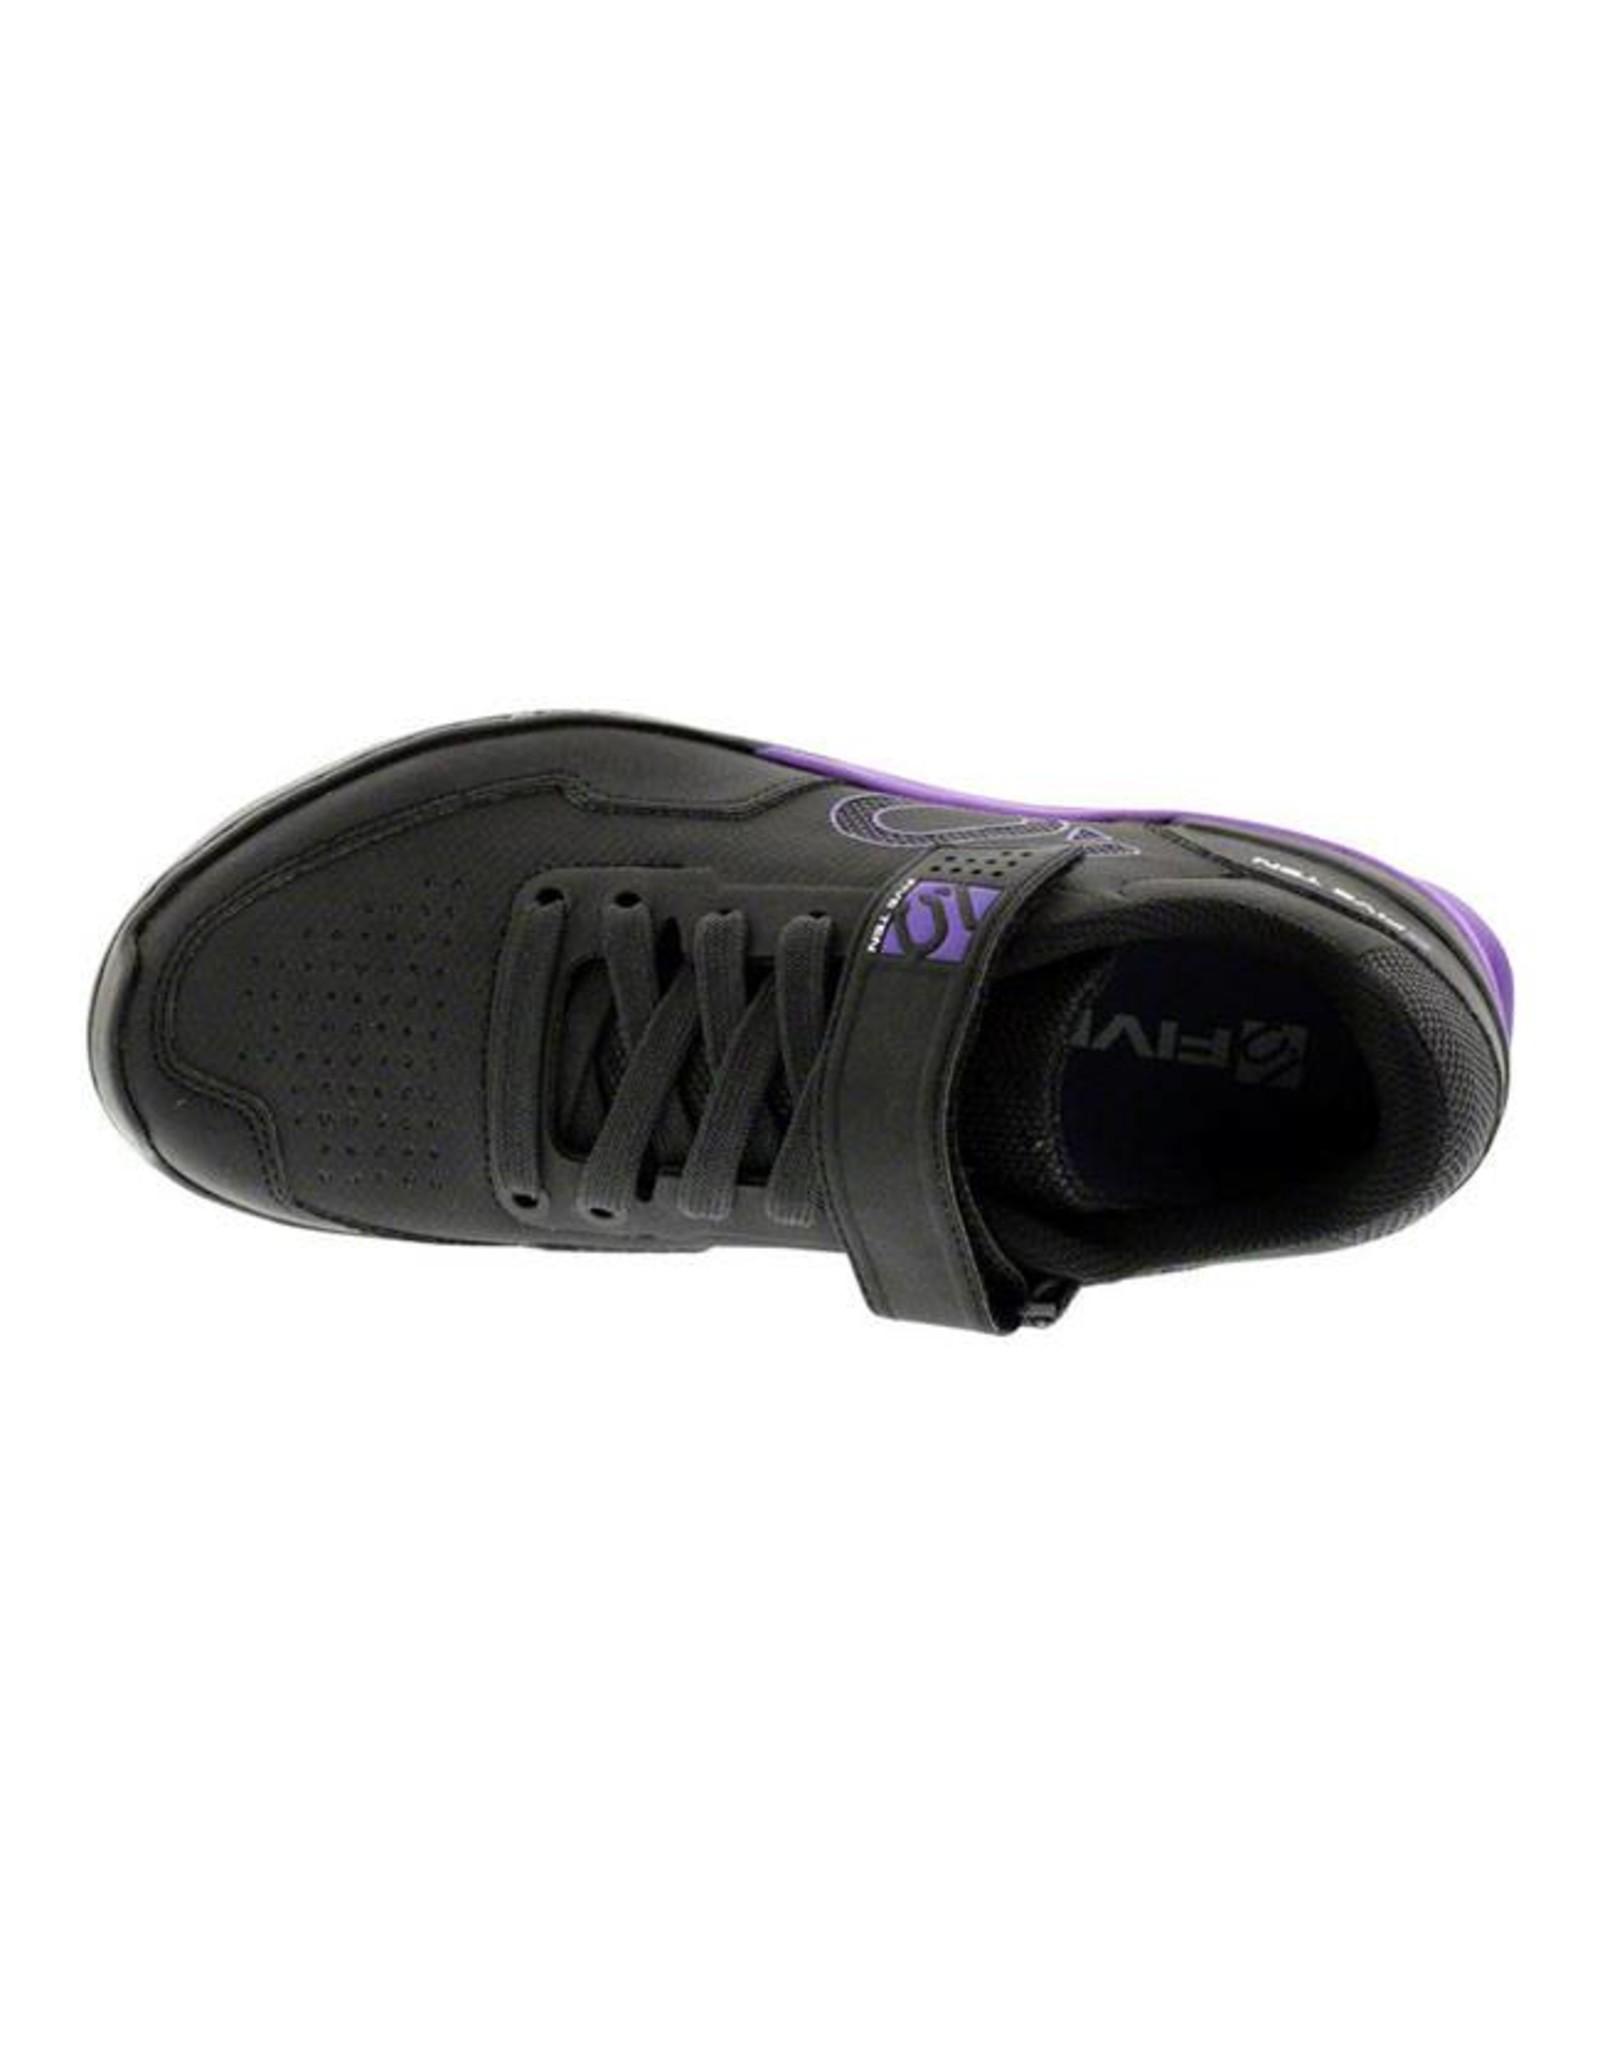 Five Ten Five Ten Kestrel Lace Women's Clipless Shoe: Black Purple 8